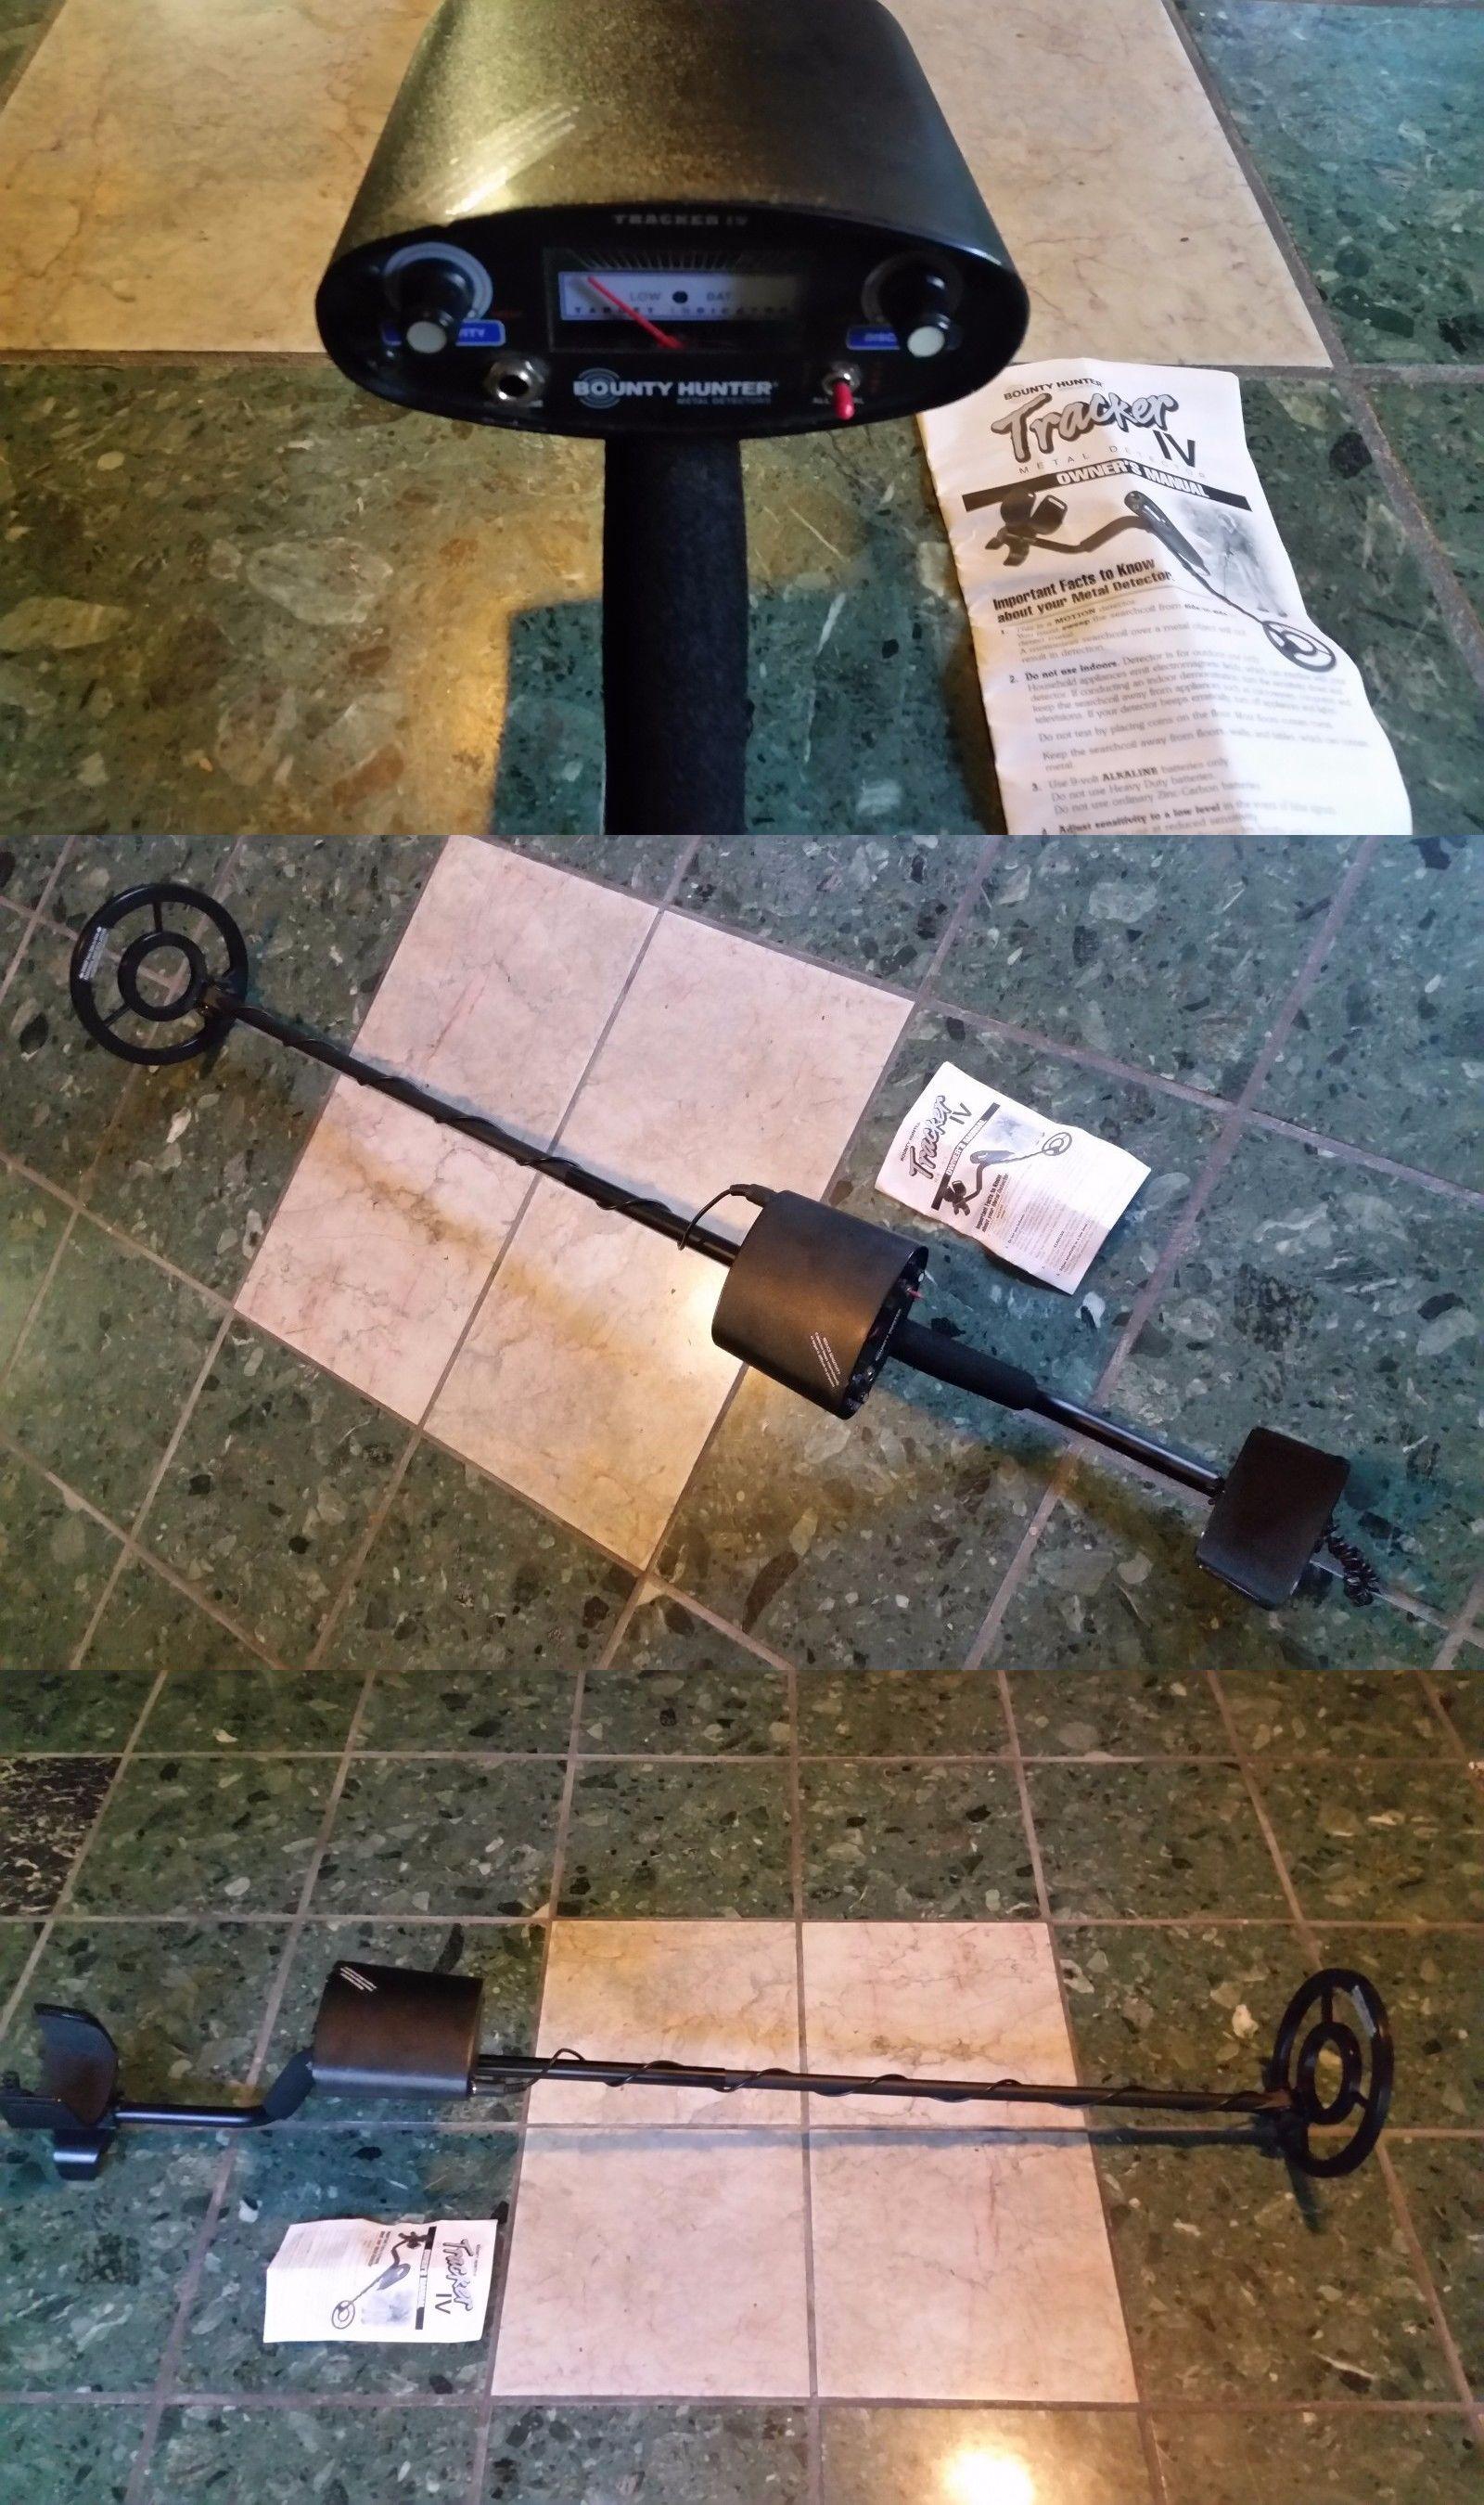 Metal Detectors Bounty Hunter Tk4 Tracker Iv Metal Detector Pirate